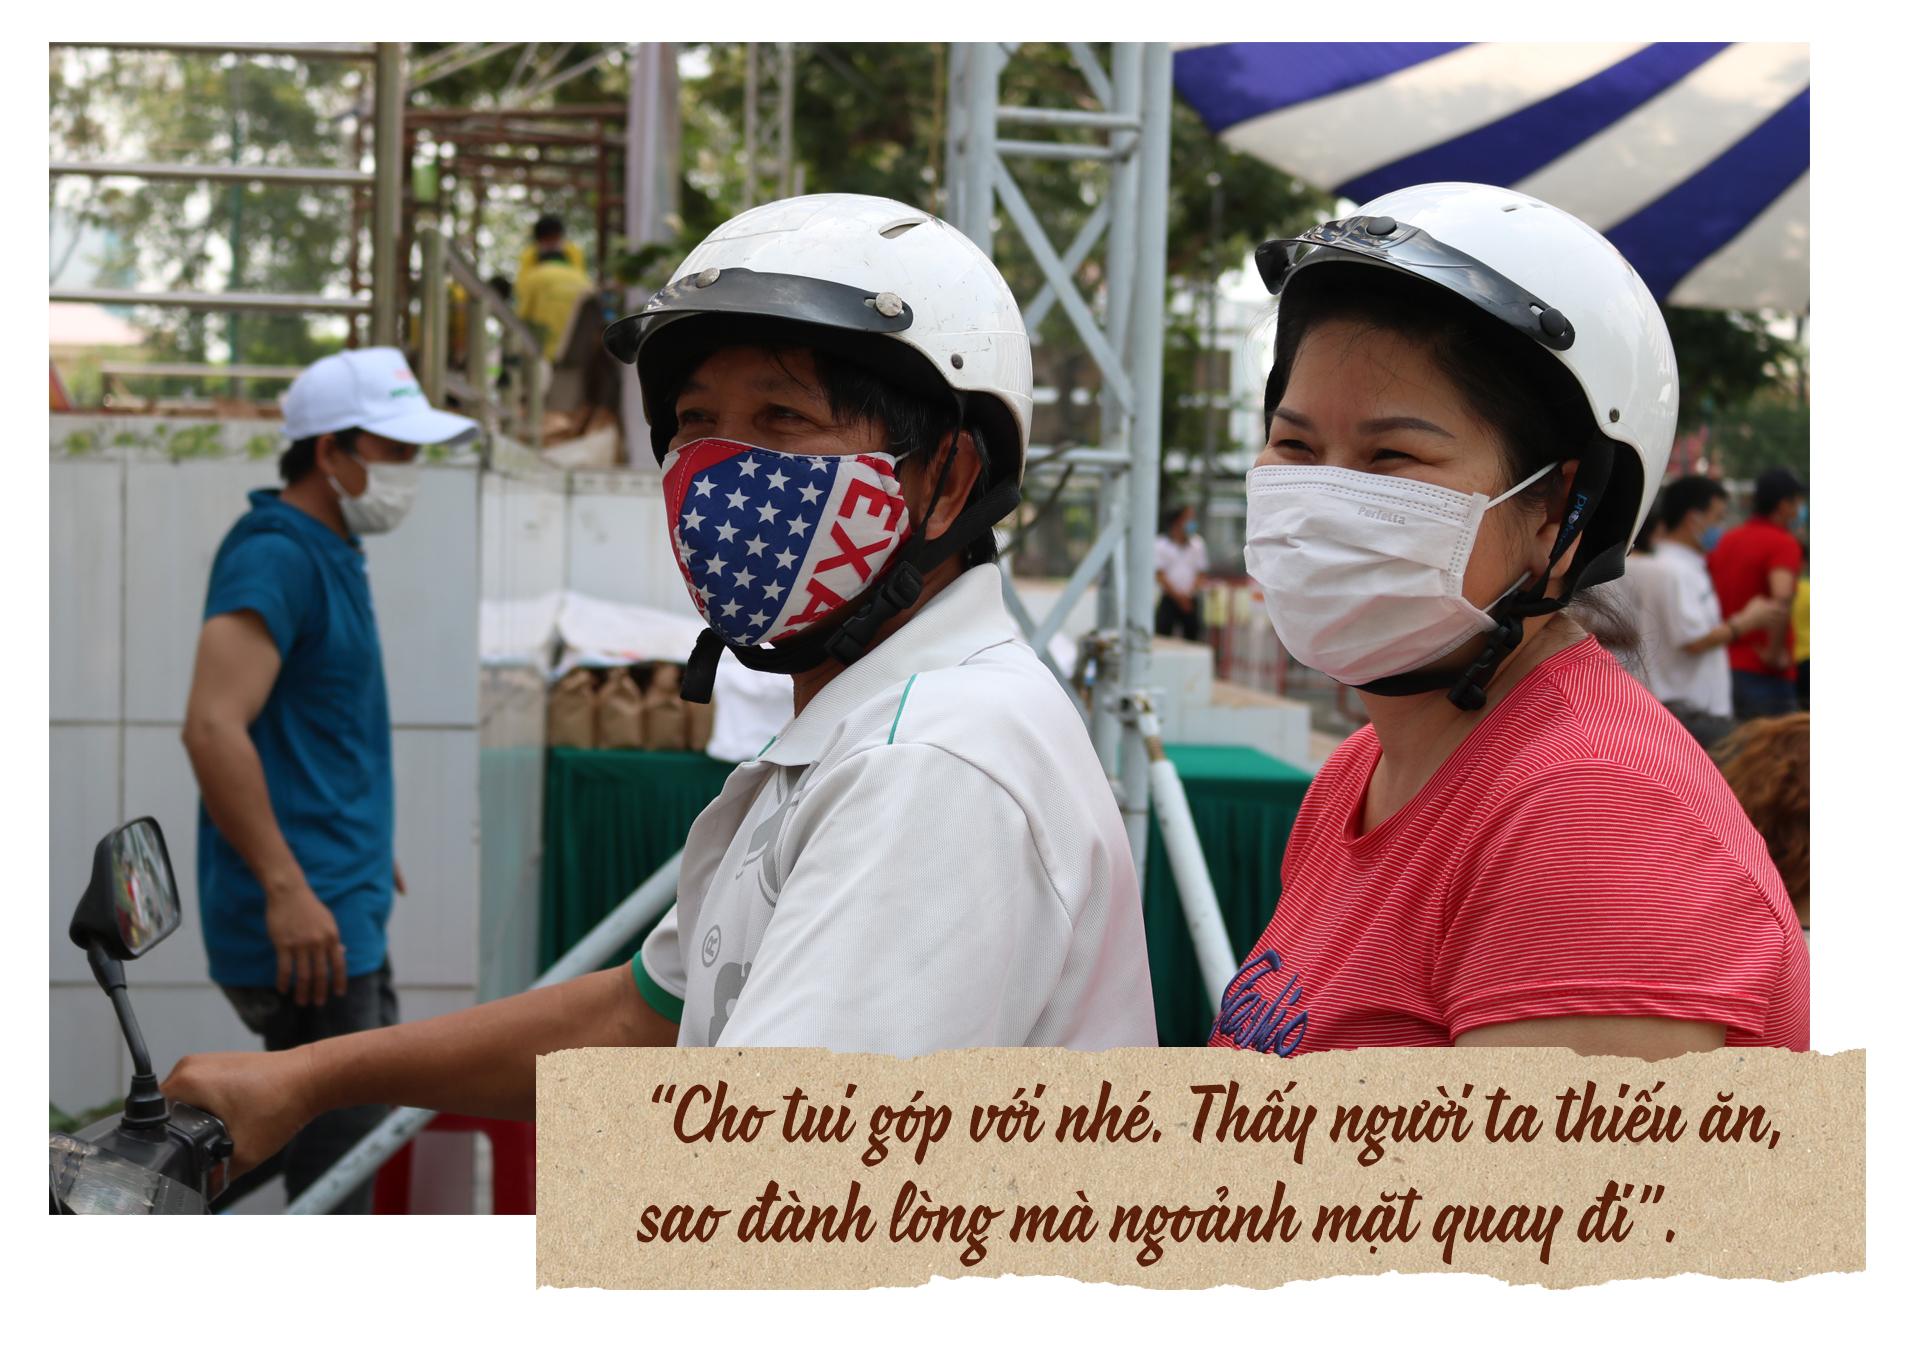 Đi qua mùa dịch: Người Sài Gòn đúng thật 'tánh kỳ' - ảnh 4